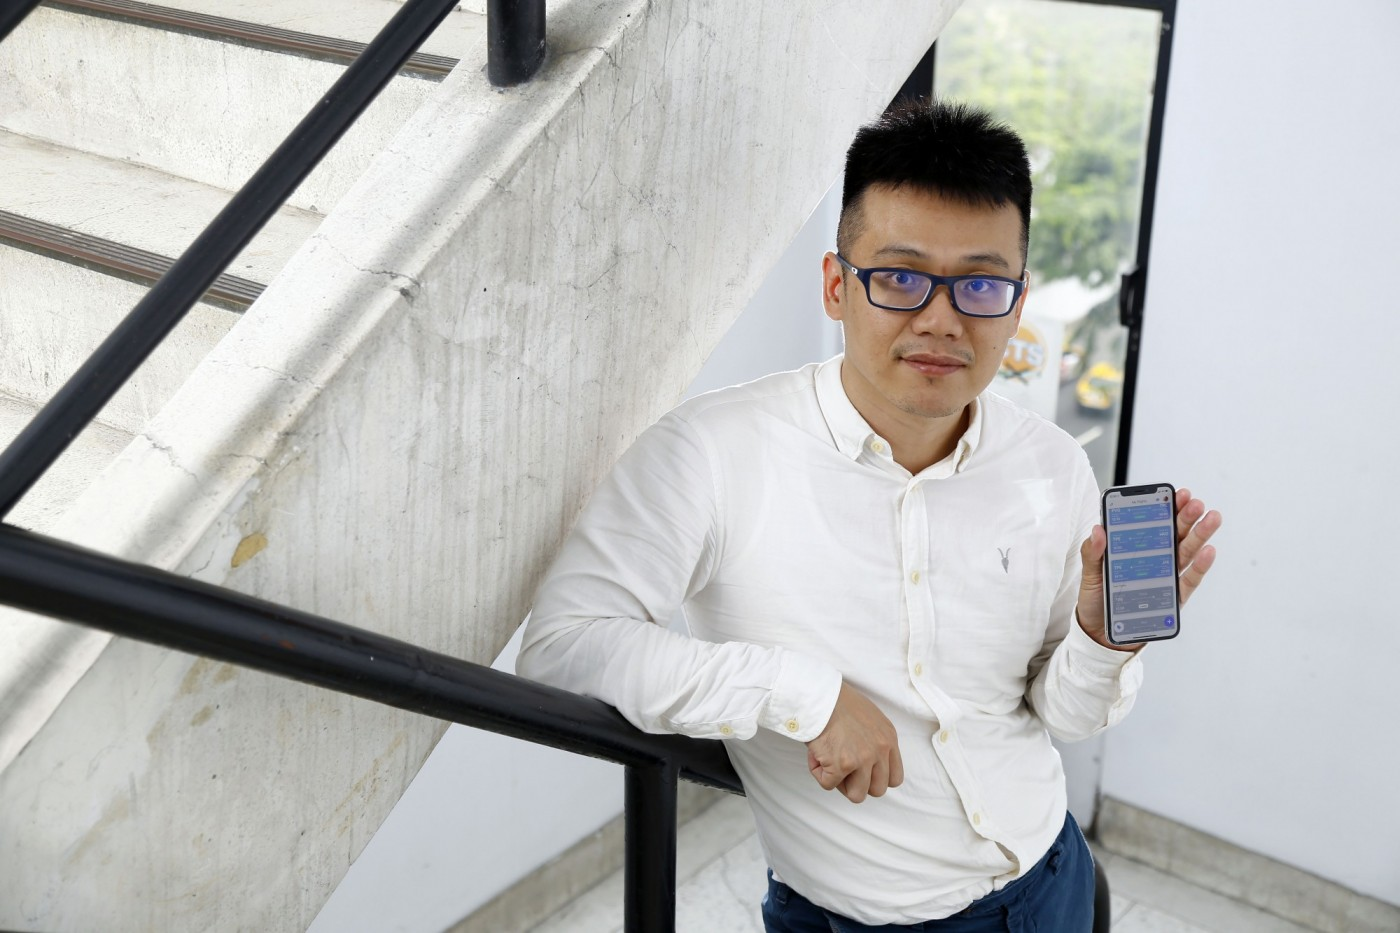 创造「爱在黎明破晓时」般的邂逅!一个人出国旅行时专属社交App有没有前景?